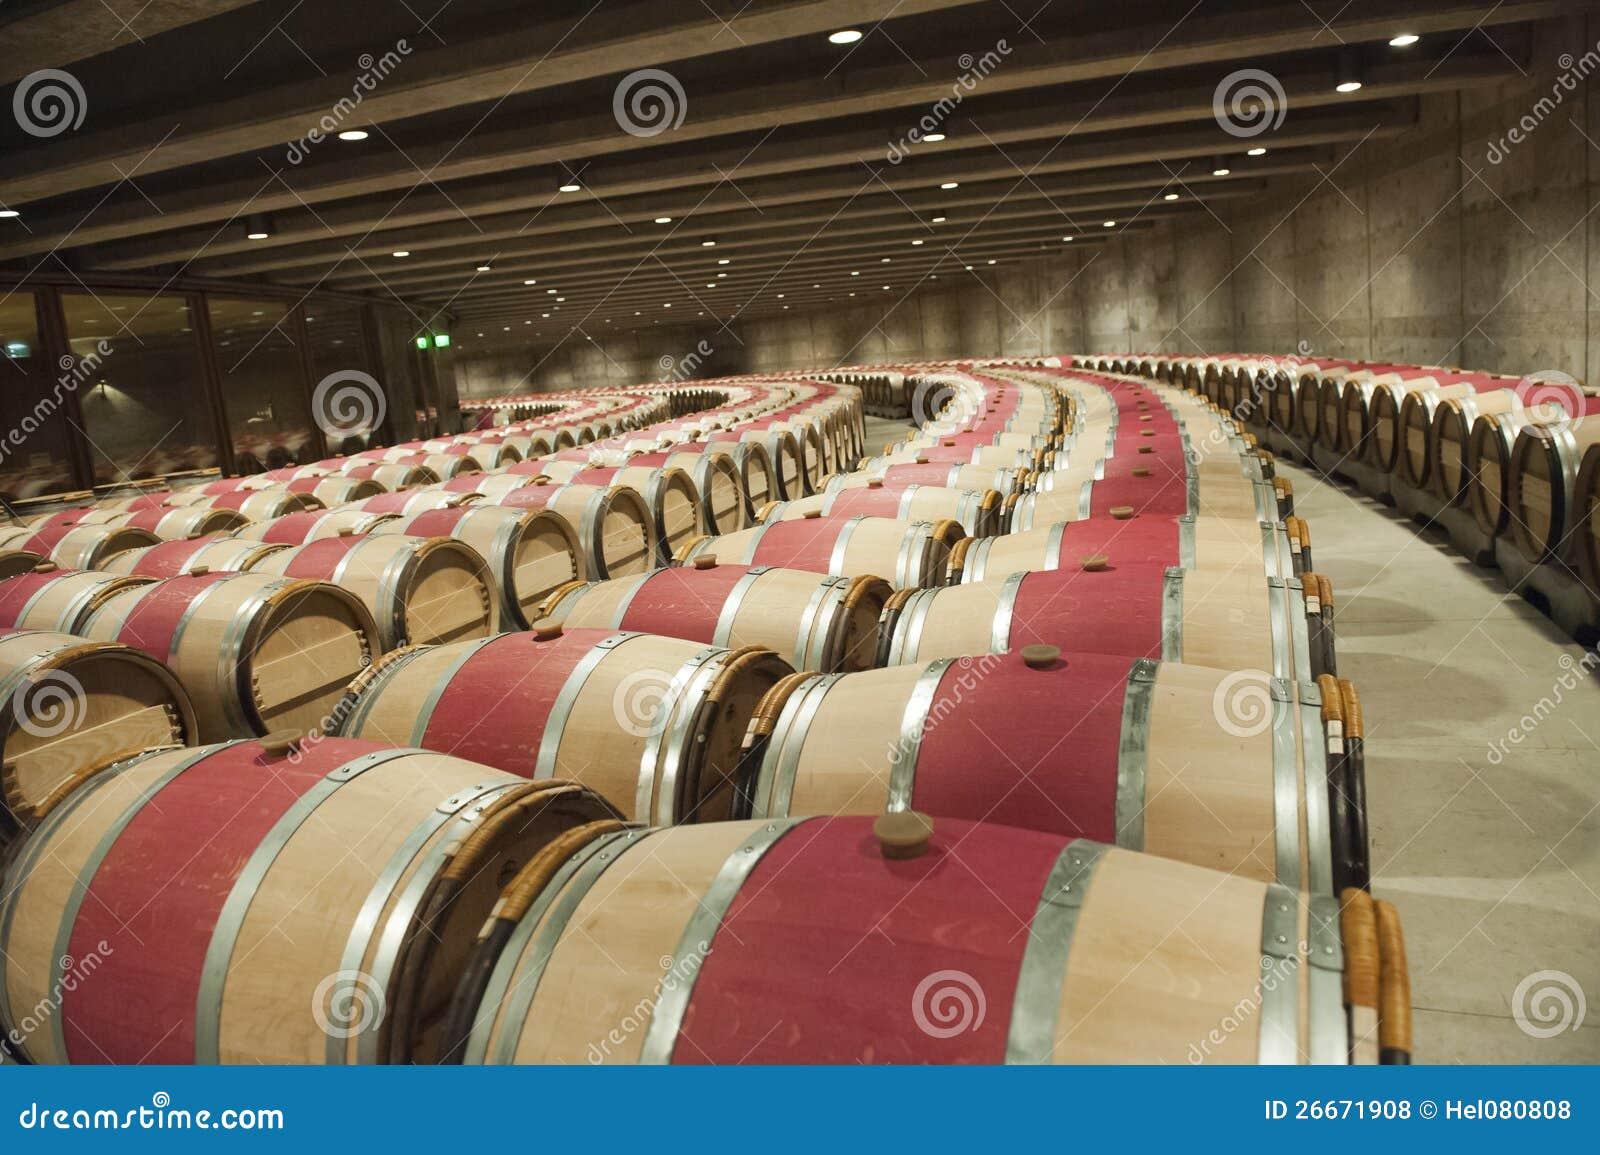 Moderner weinkeller  Moderner Weinkeller Stockfotos – 36 Moderner Weinkeller ...